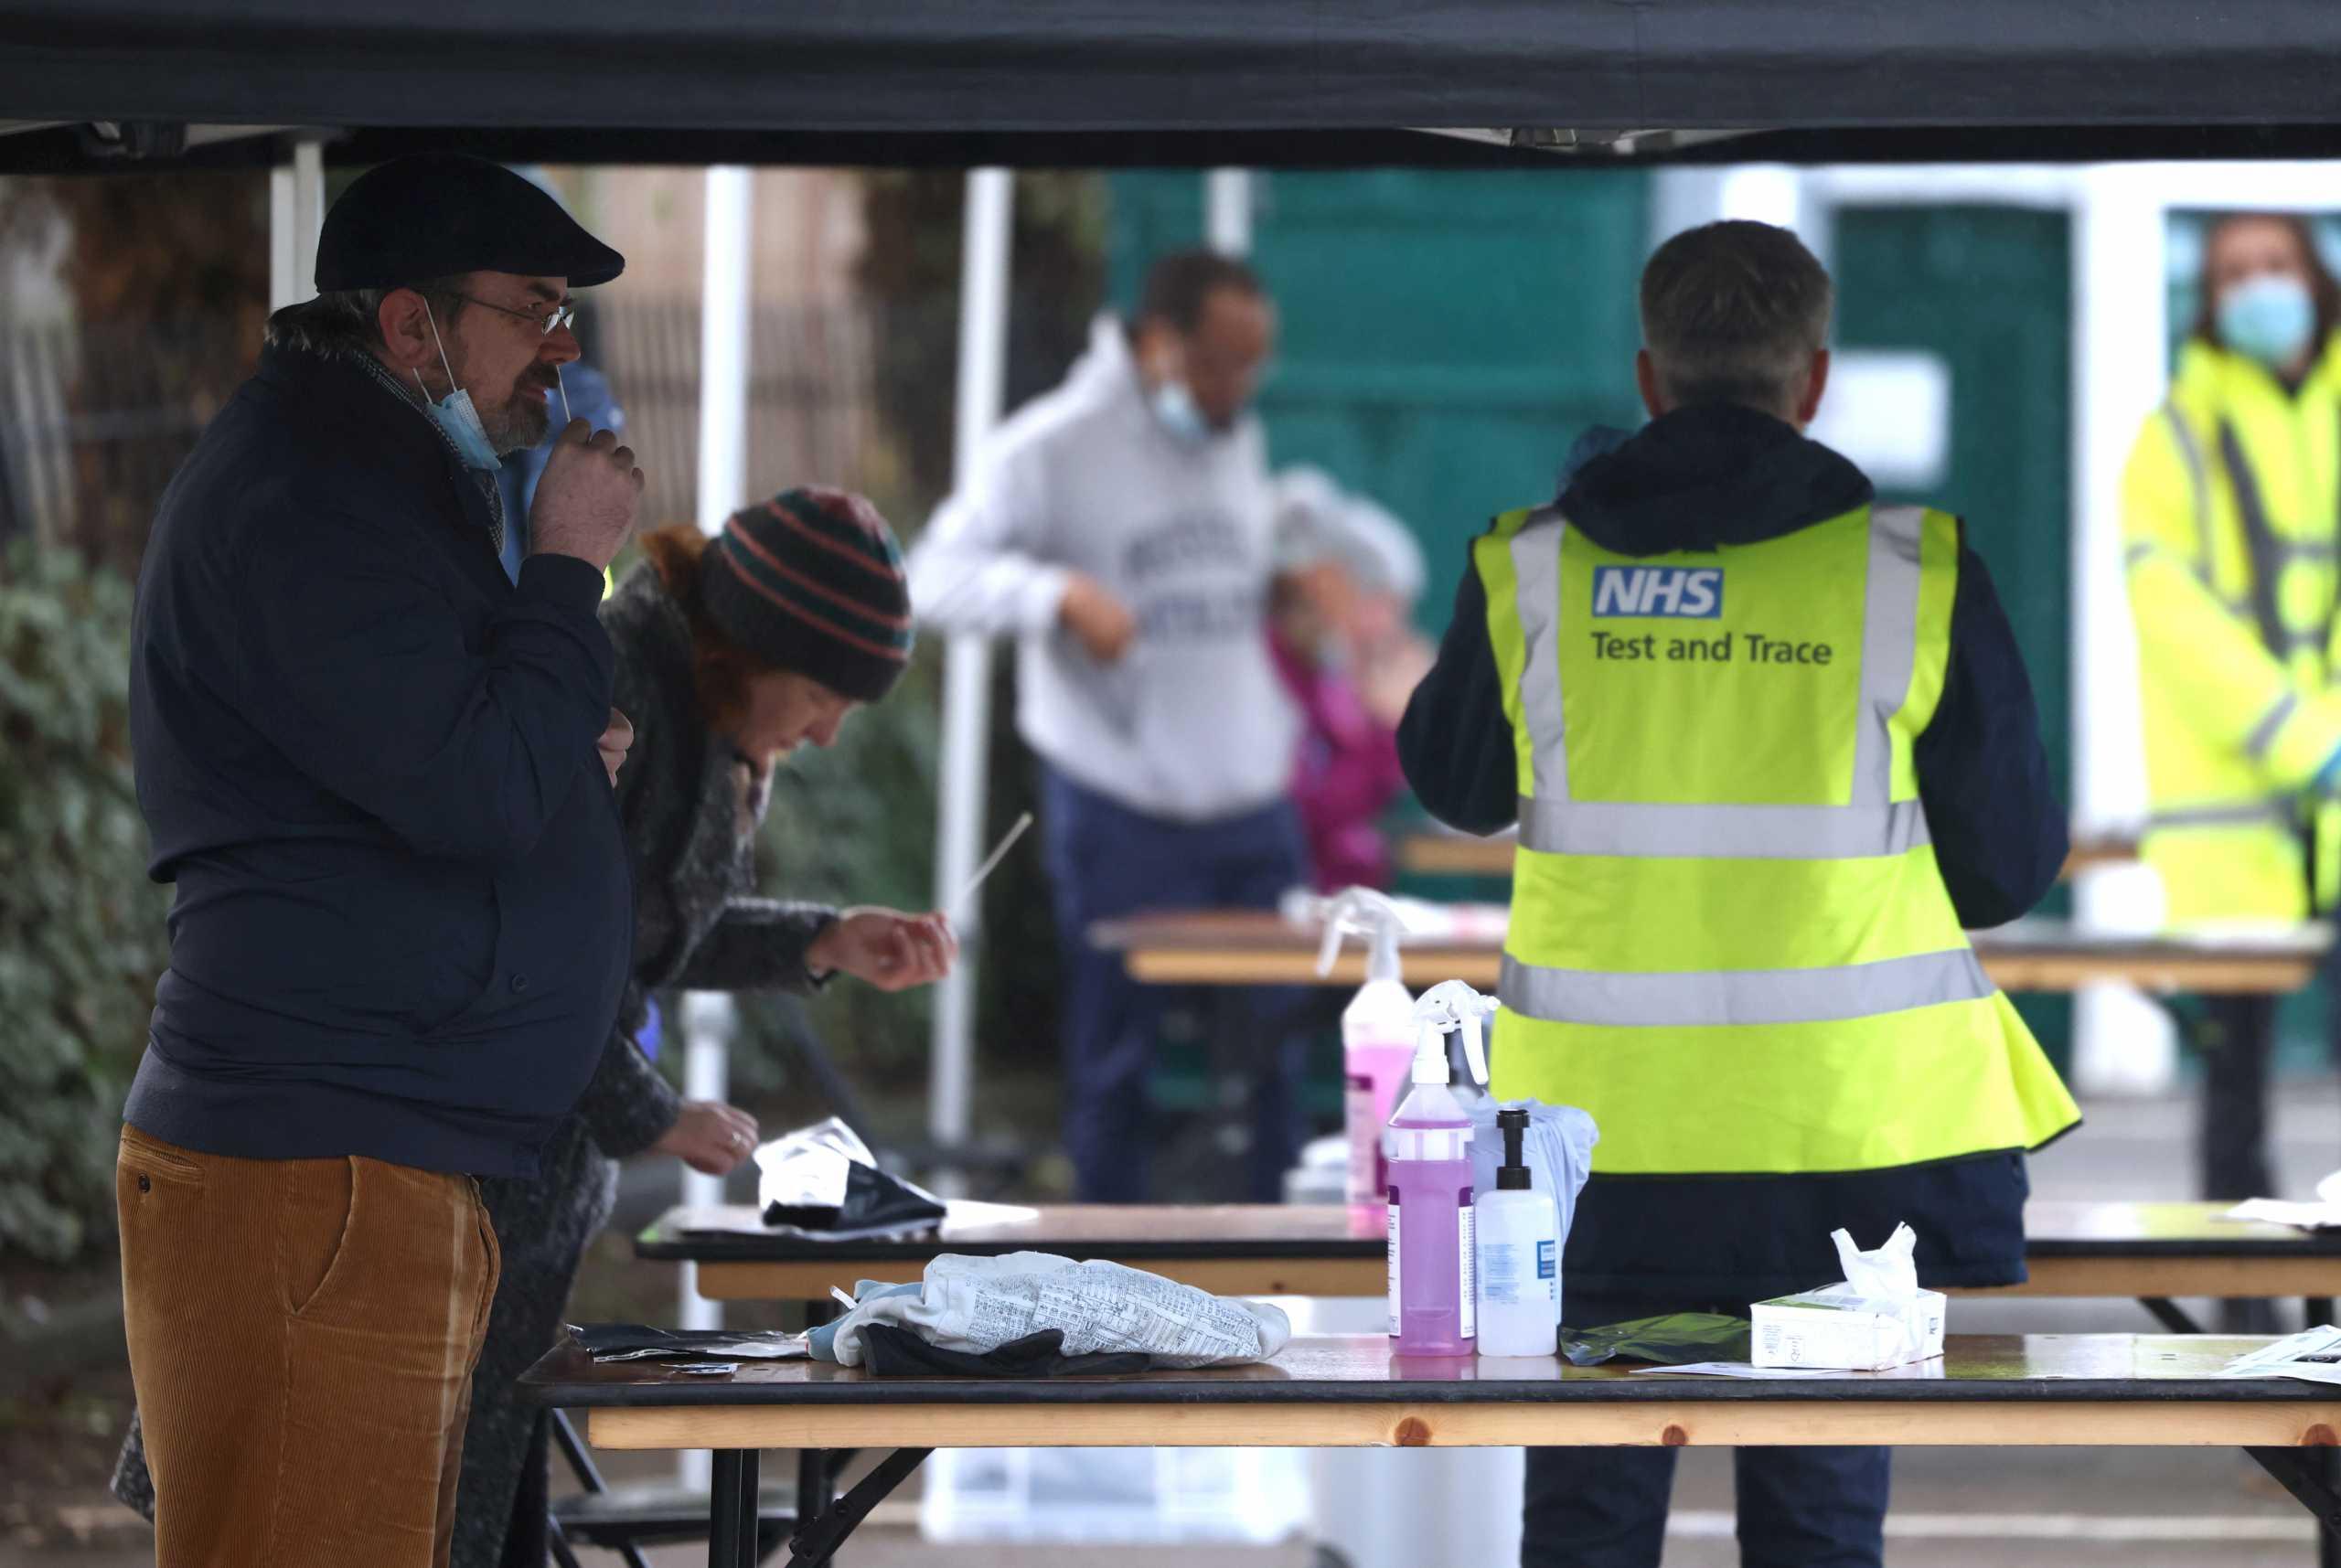 Μετάλλαξη κορονοϊού – Βρετανία: Πόρτα-πόρτα έλεγχοι σε 80.000 ανθρώπους για να μπει «φρένο» στο νοτιοαφρικανικό στέλεχος